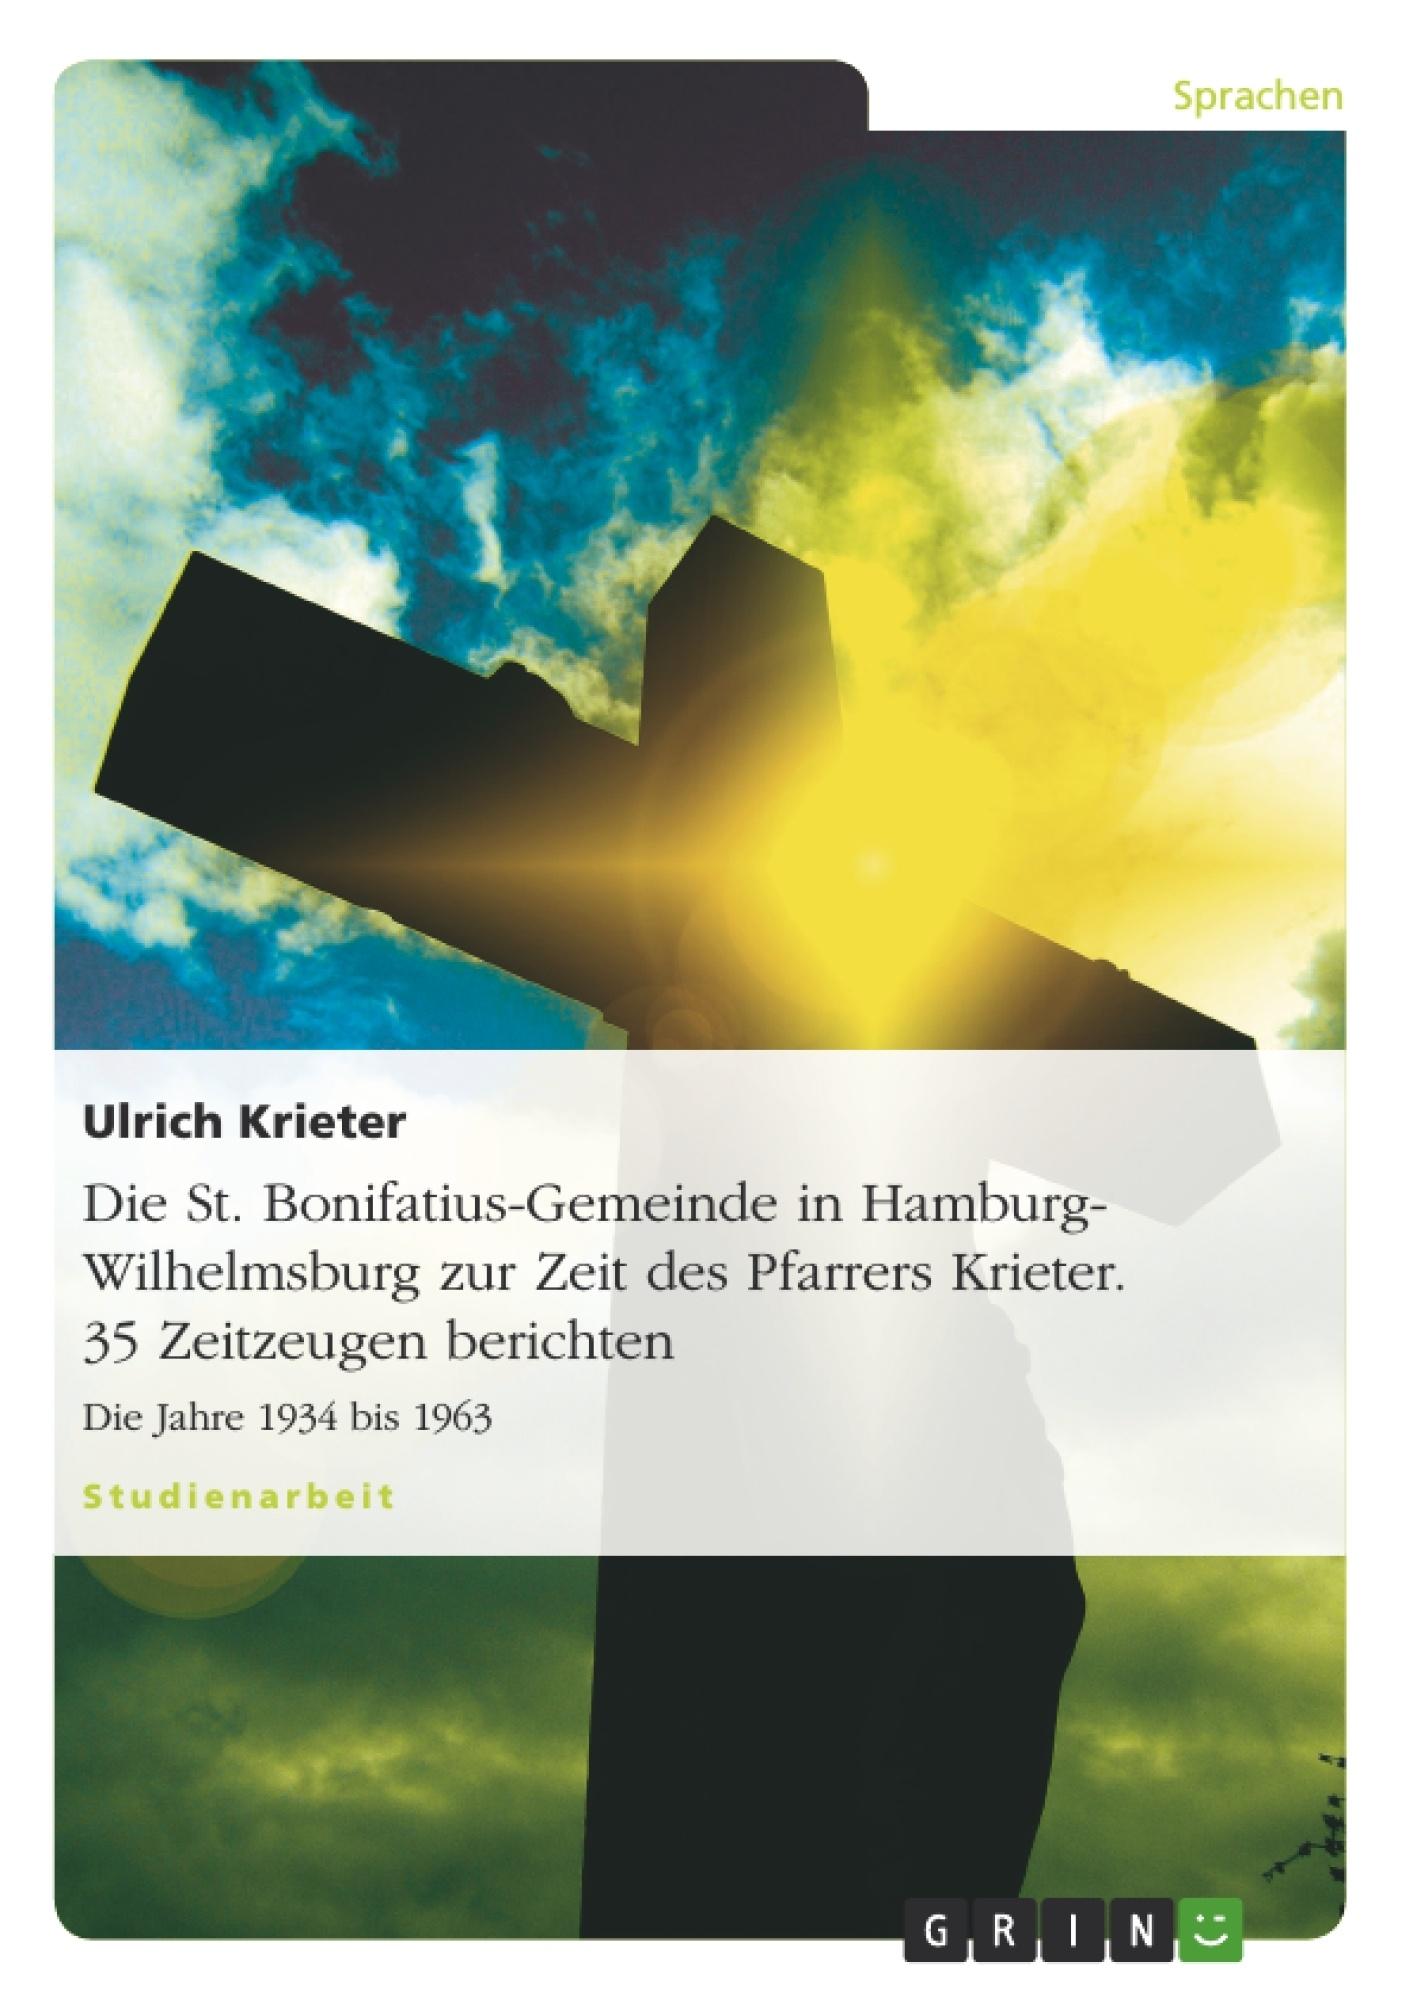 Titel: Die St. Bonifatius-Gemeinde in Hamburg-Wilhelmsburg zur Zeit des Pfarrers Krieter. 35 Zeitzeugen berichten